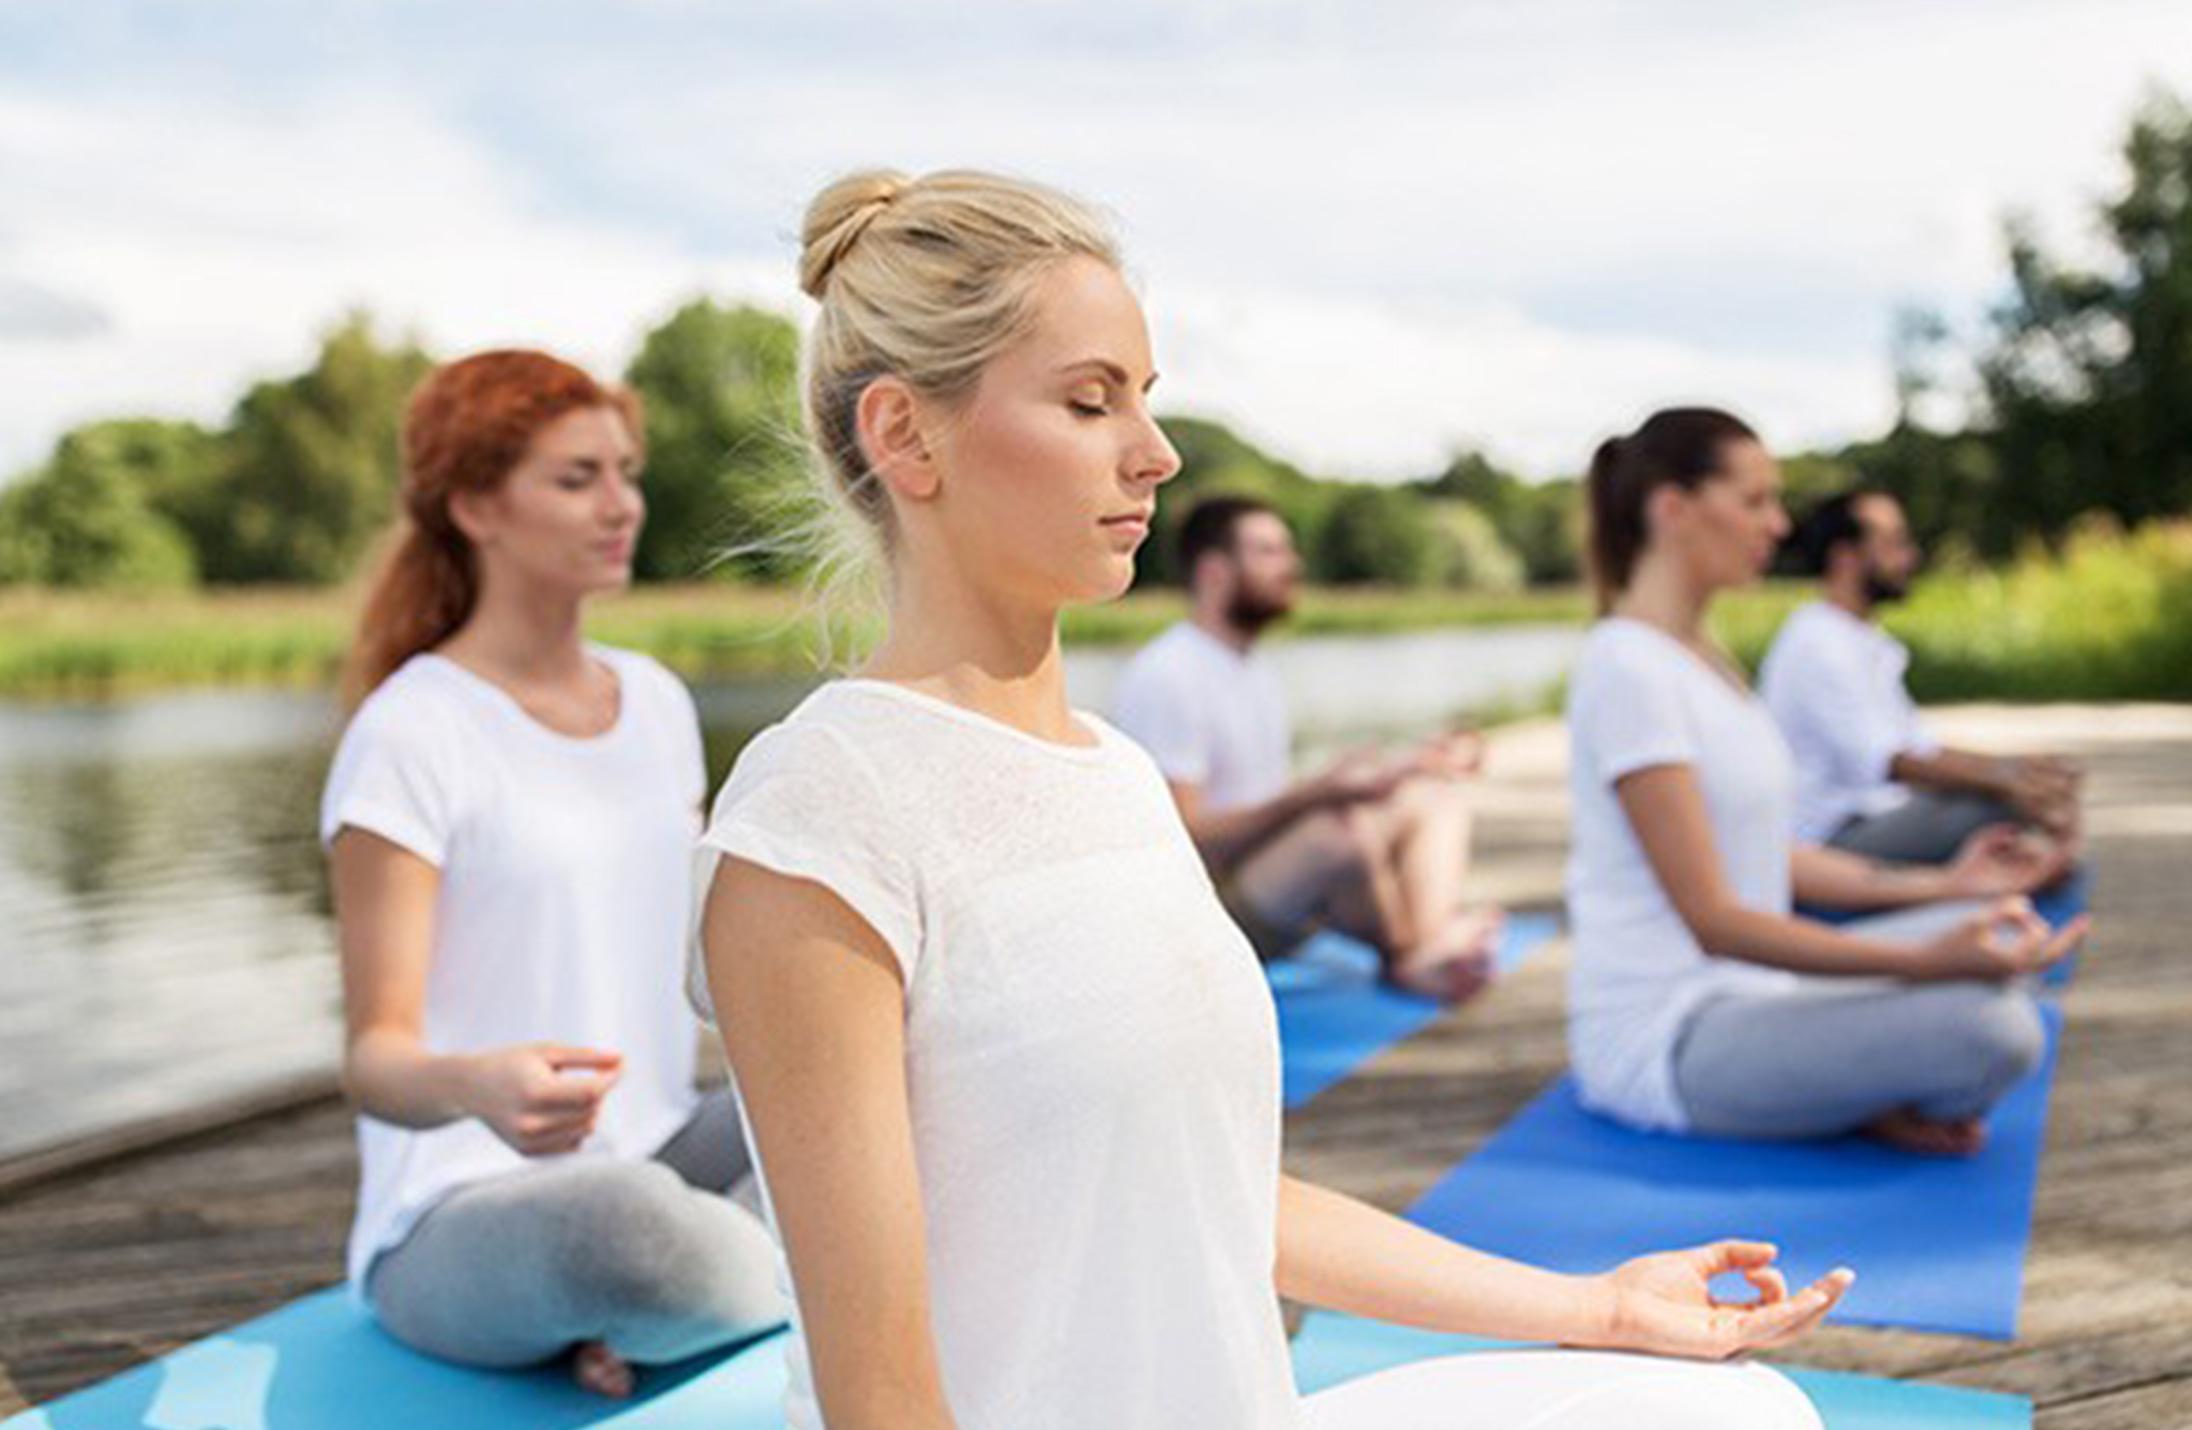 ヨガマットの上で瞑想をする人たち